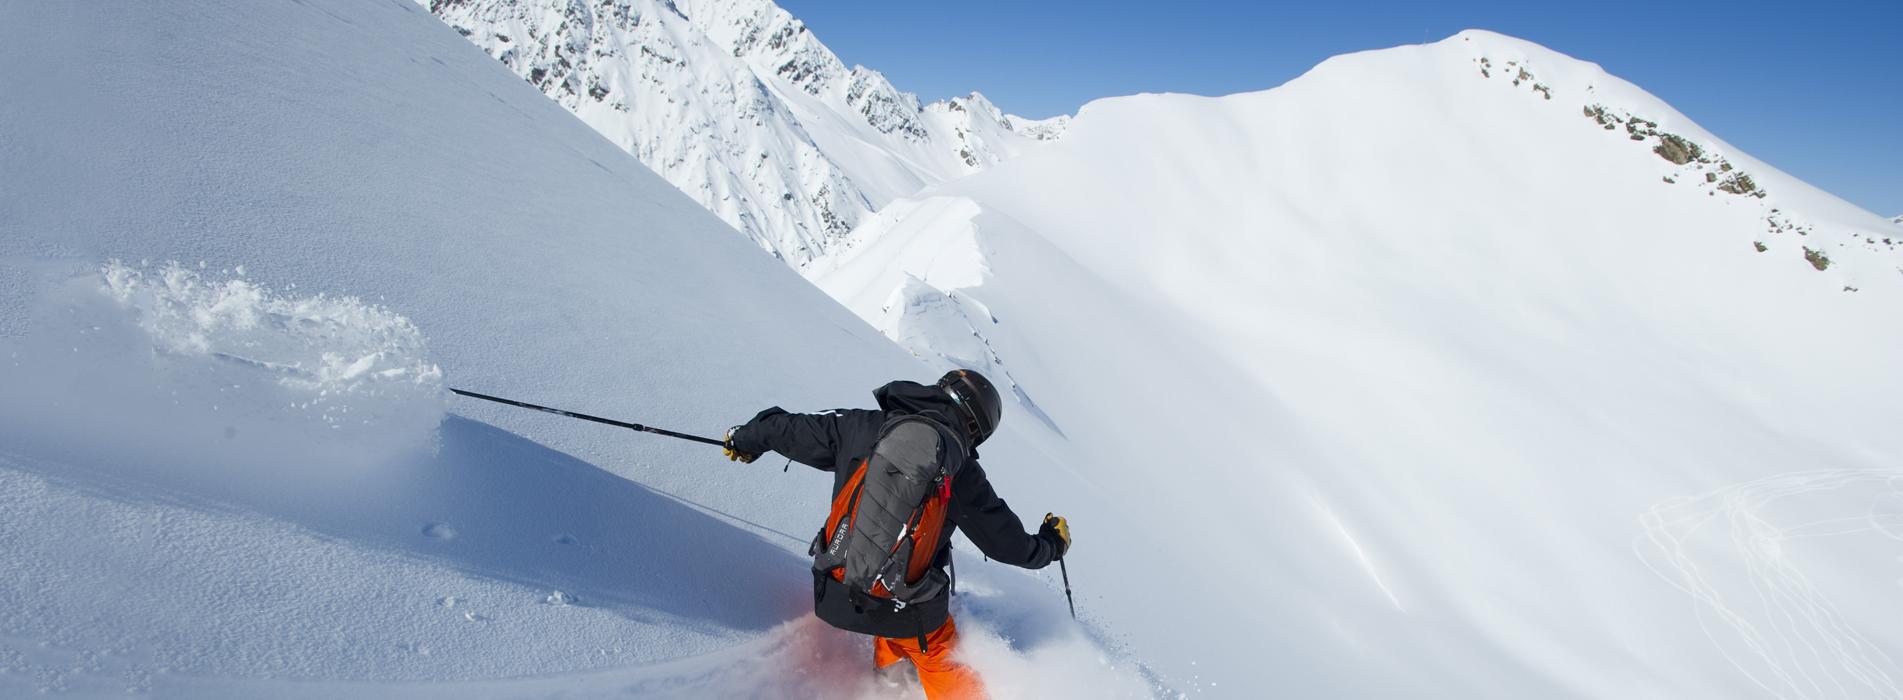 snowboard safety helmet color